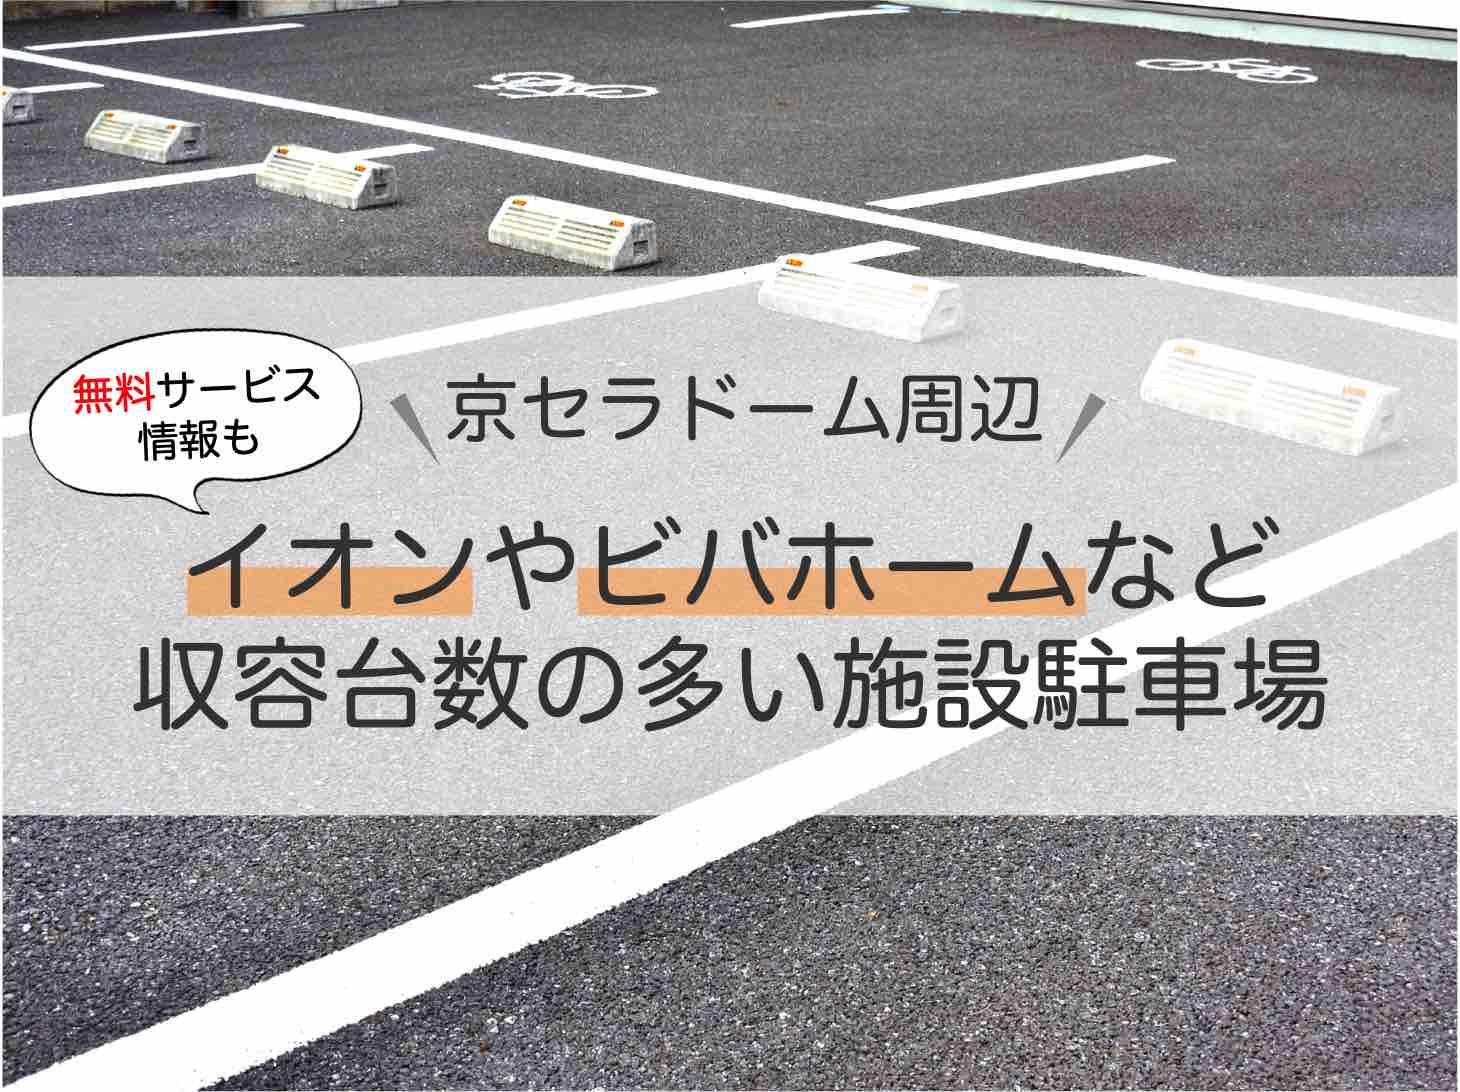 京セラドーム_イオン_ビバホーム_駐車場